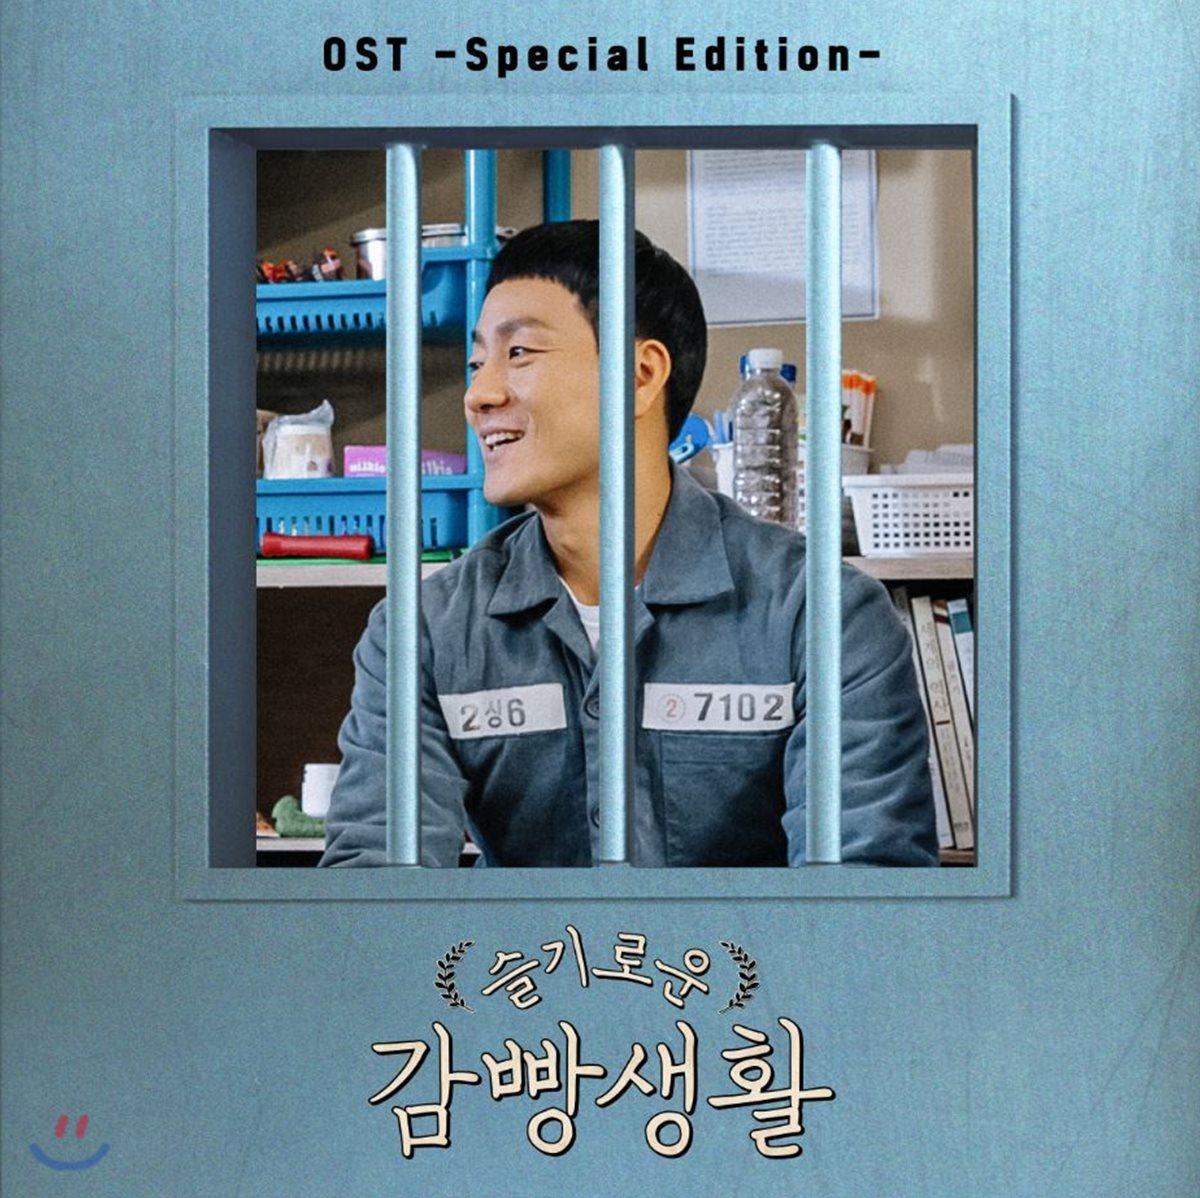 슬기로운 감빵생활 (tvN 수목드라마) OST [Special Edition]